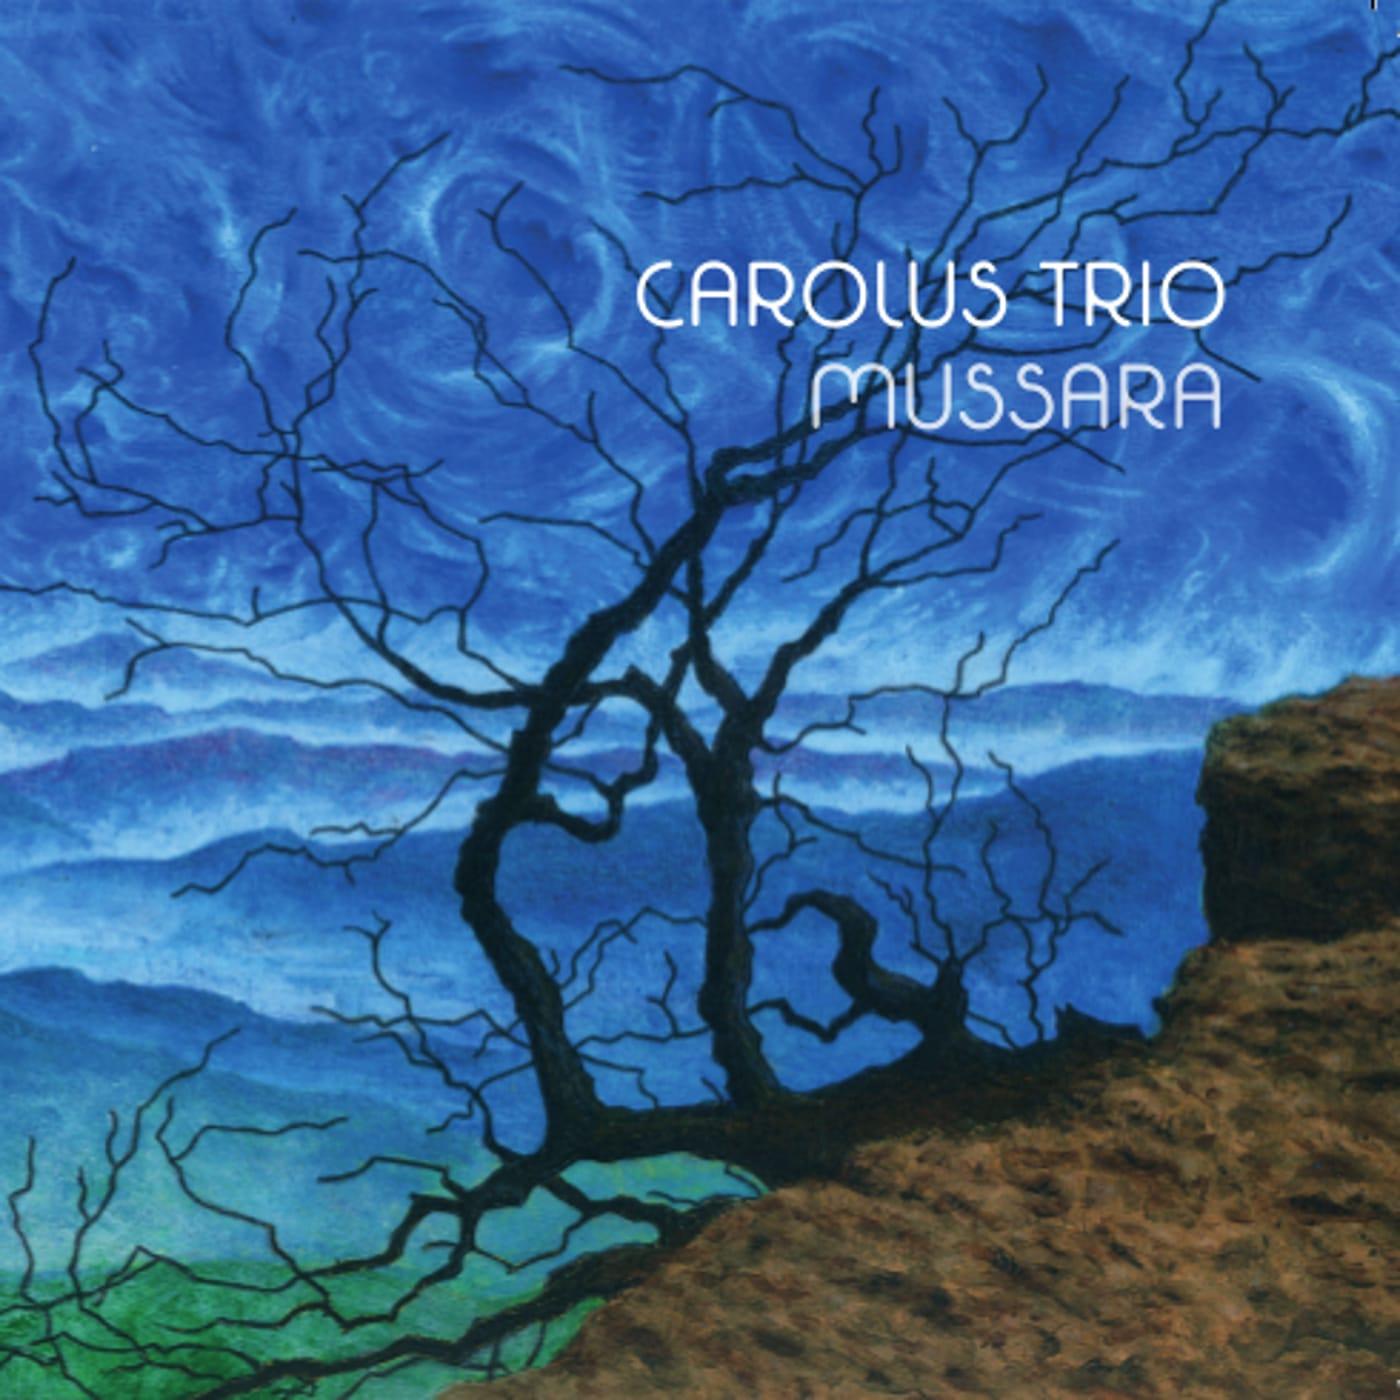 CD Mussara Carolus Trio